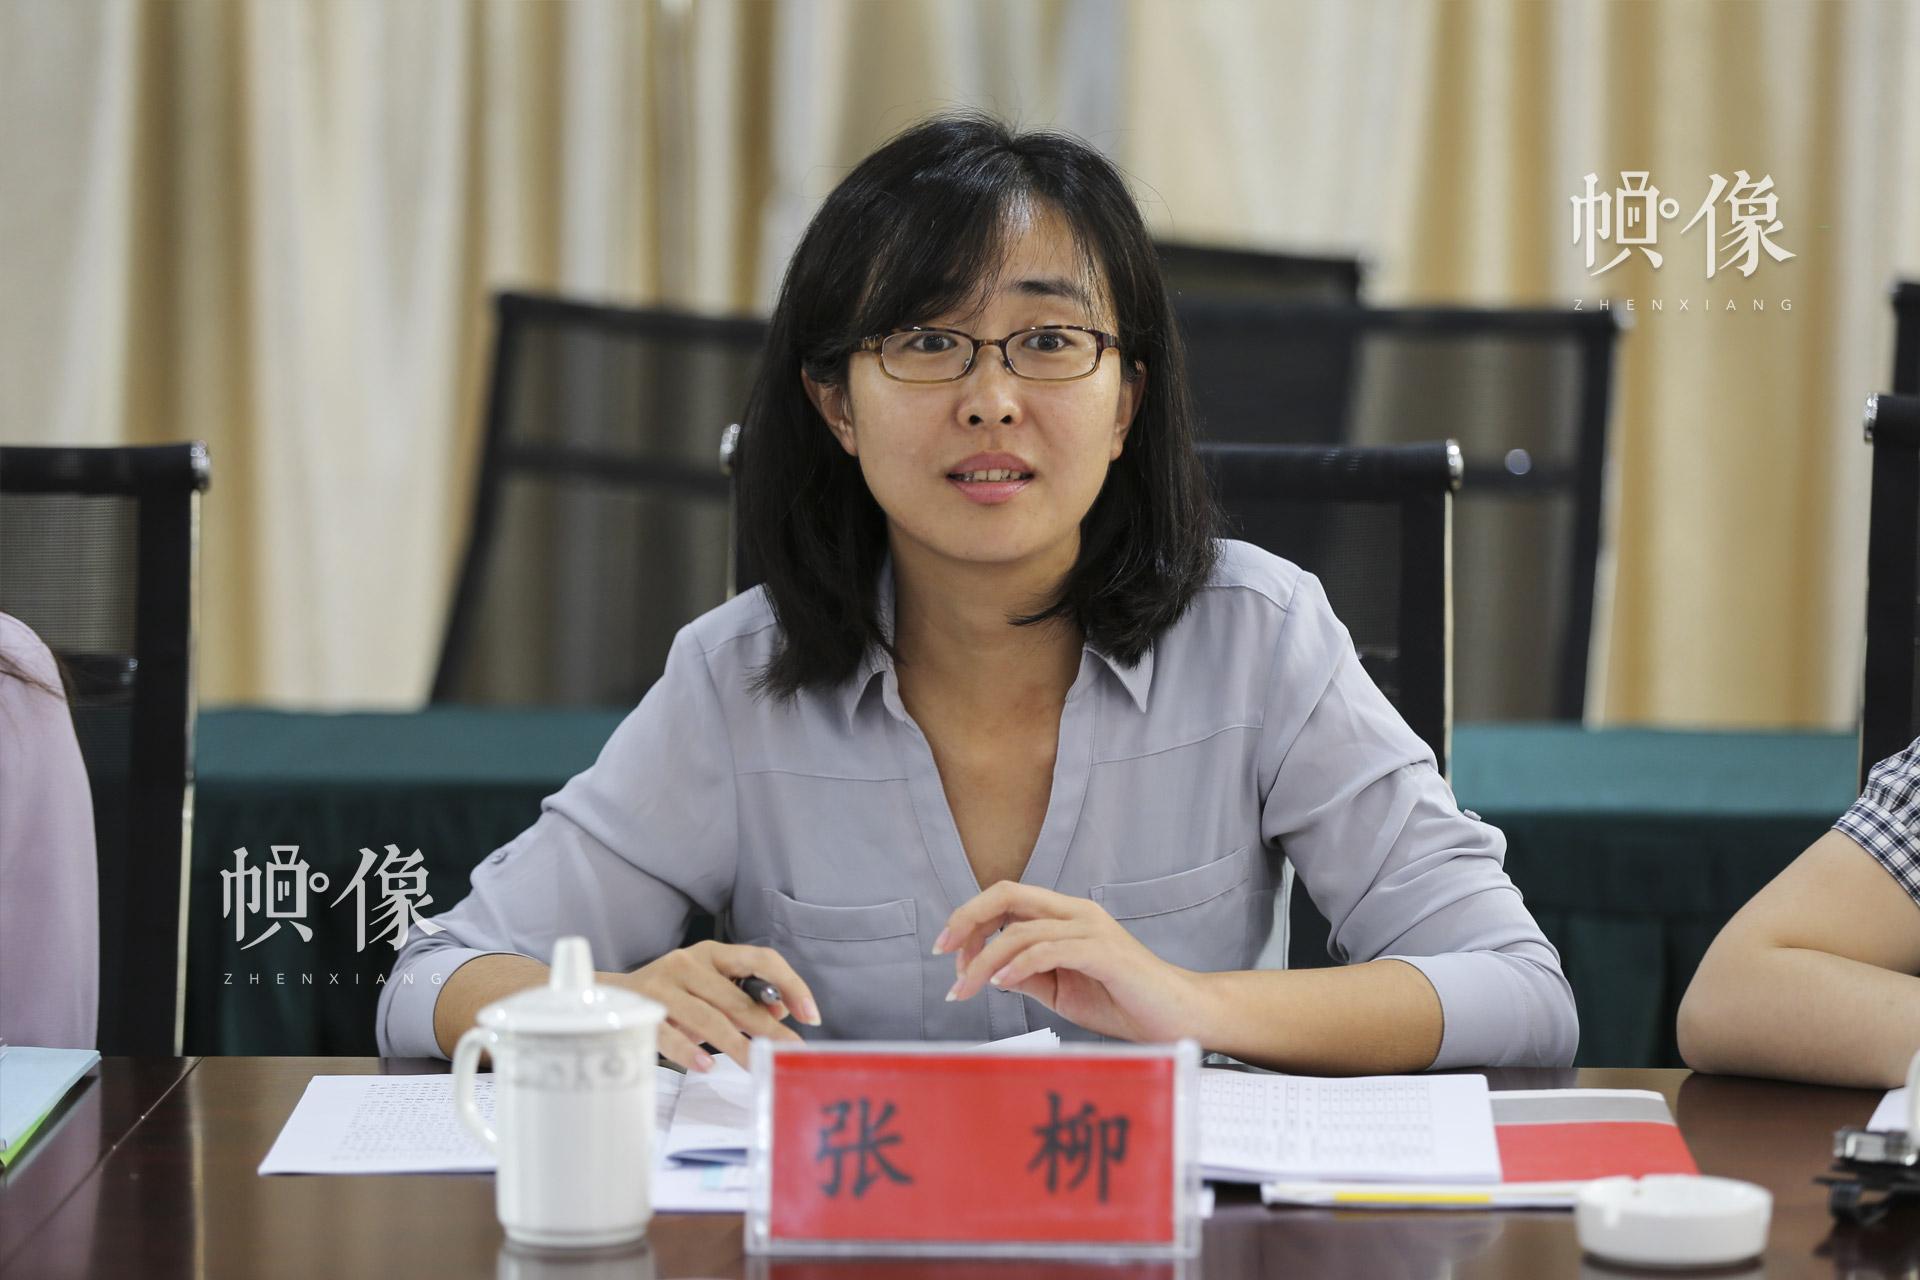 2017年9月11日,贵州省安龙县,北京师范大学中国公益研究院副主任张柳对黔西南州安龙县儿童快乐家园项目做评估报告。中国网记者 黄富友 摄